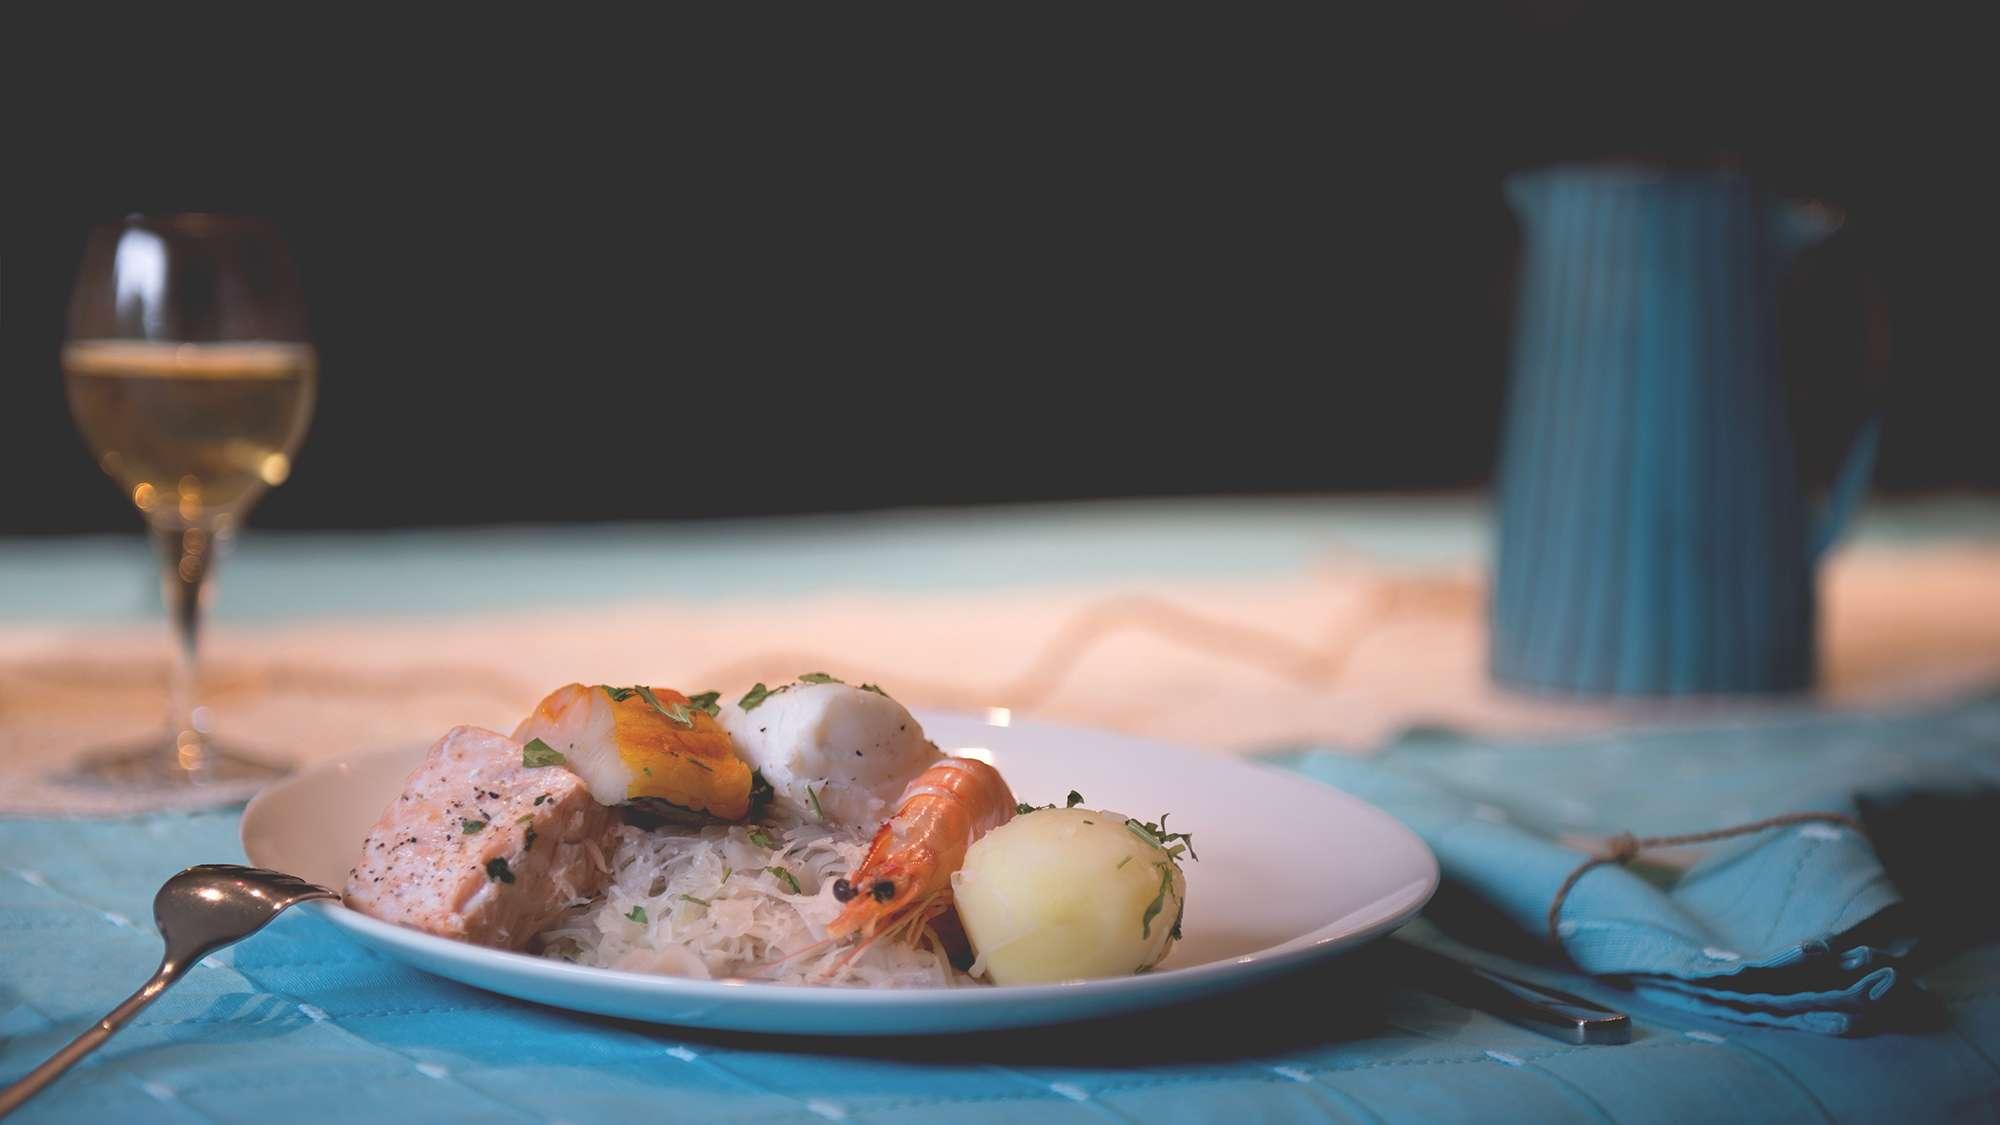 Le pochat photographe photographe pour particuliers et - Gallery cuisine quimper ...